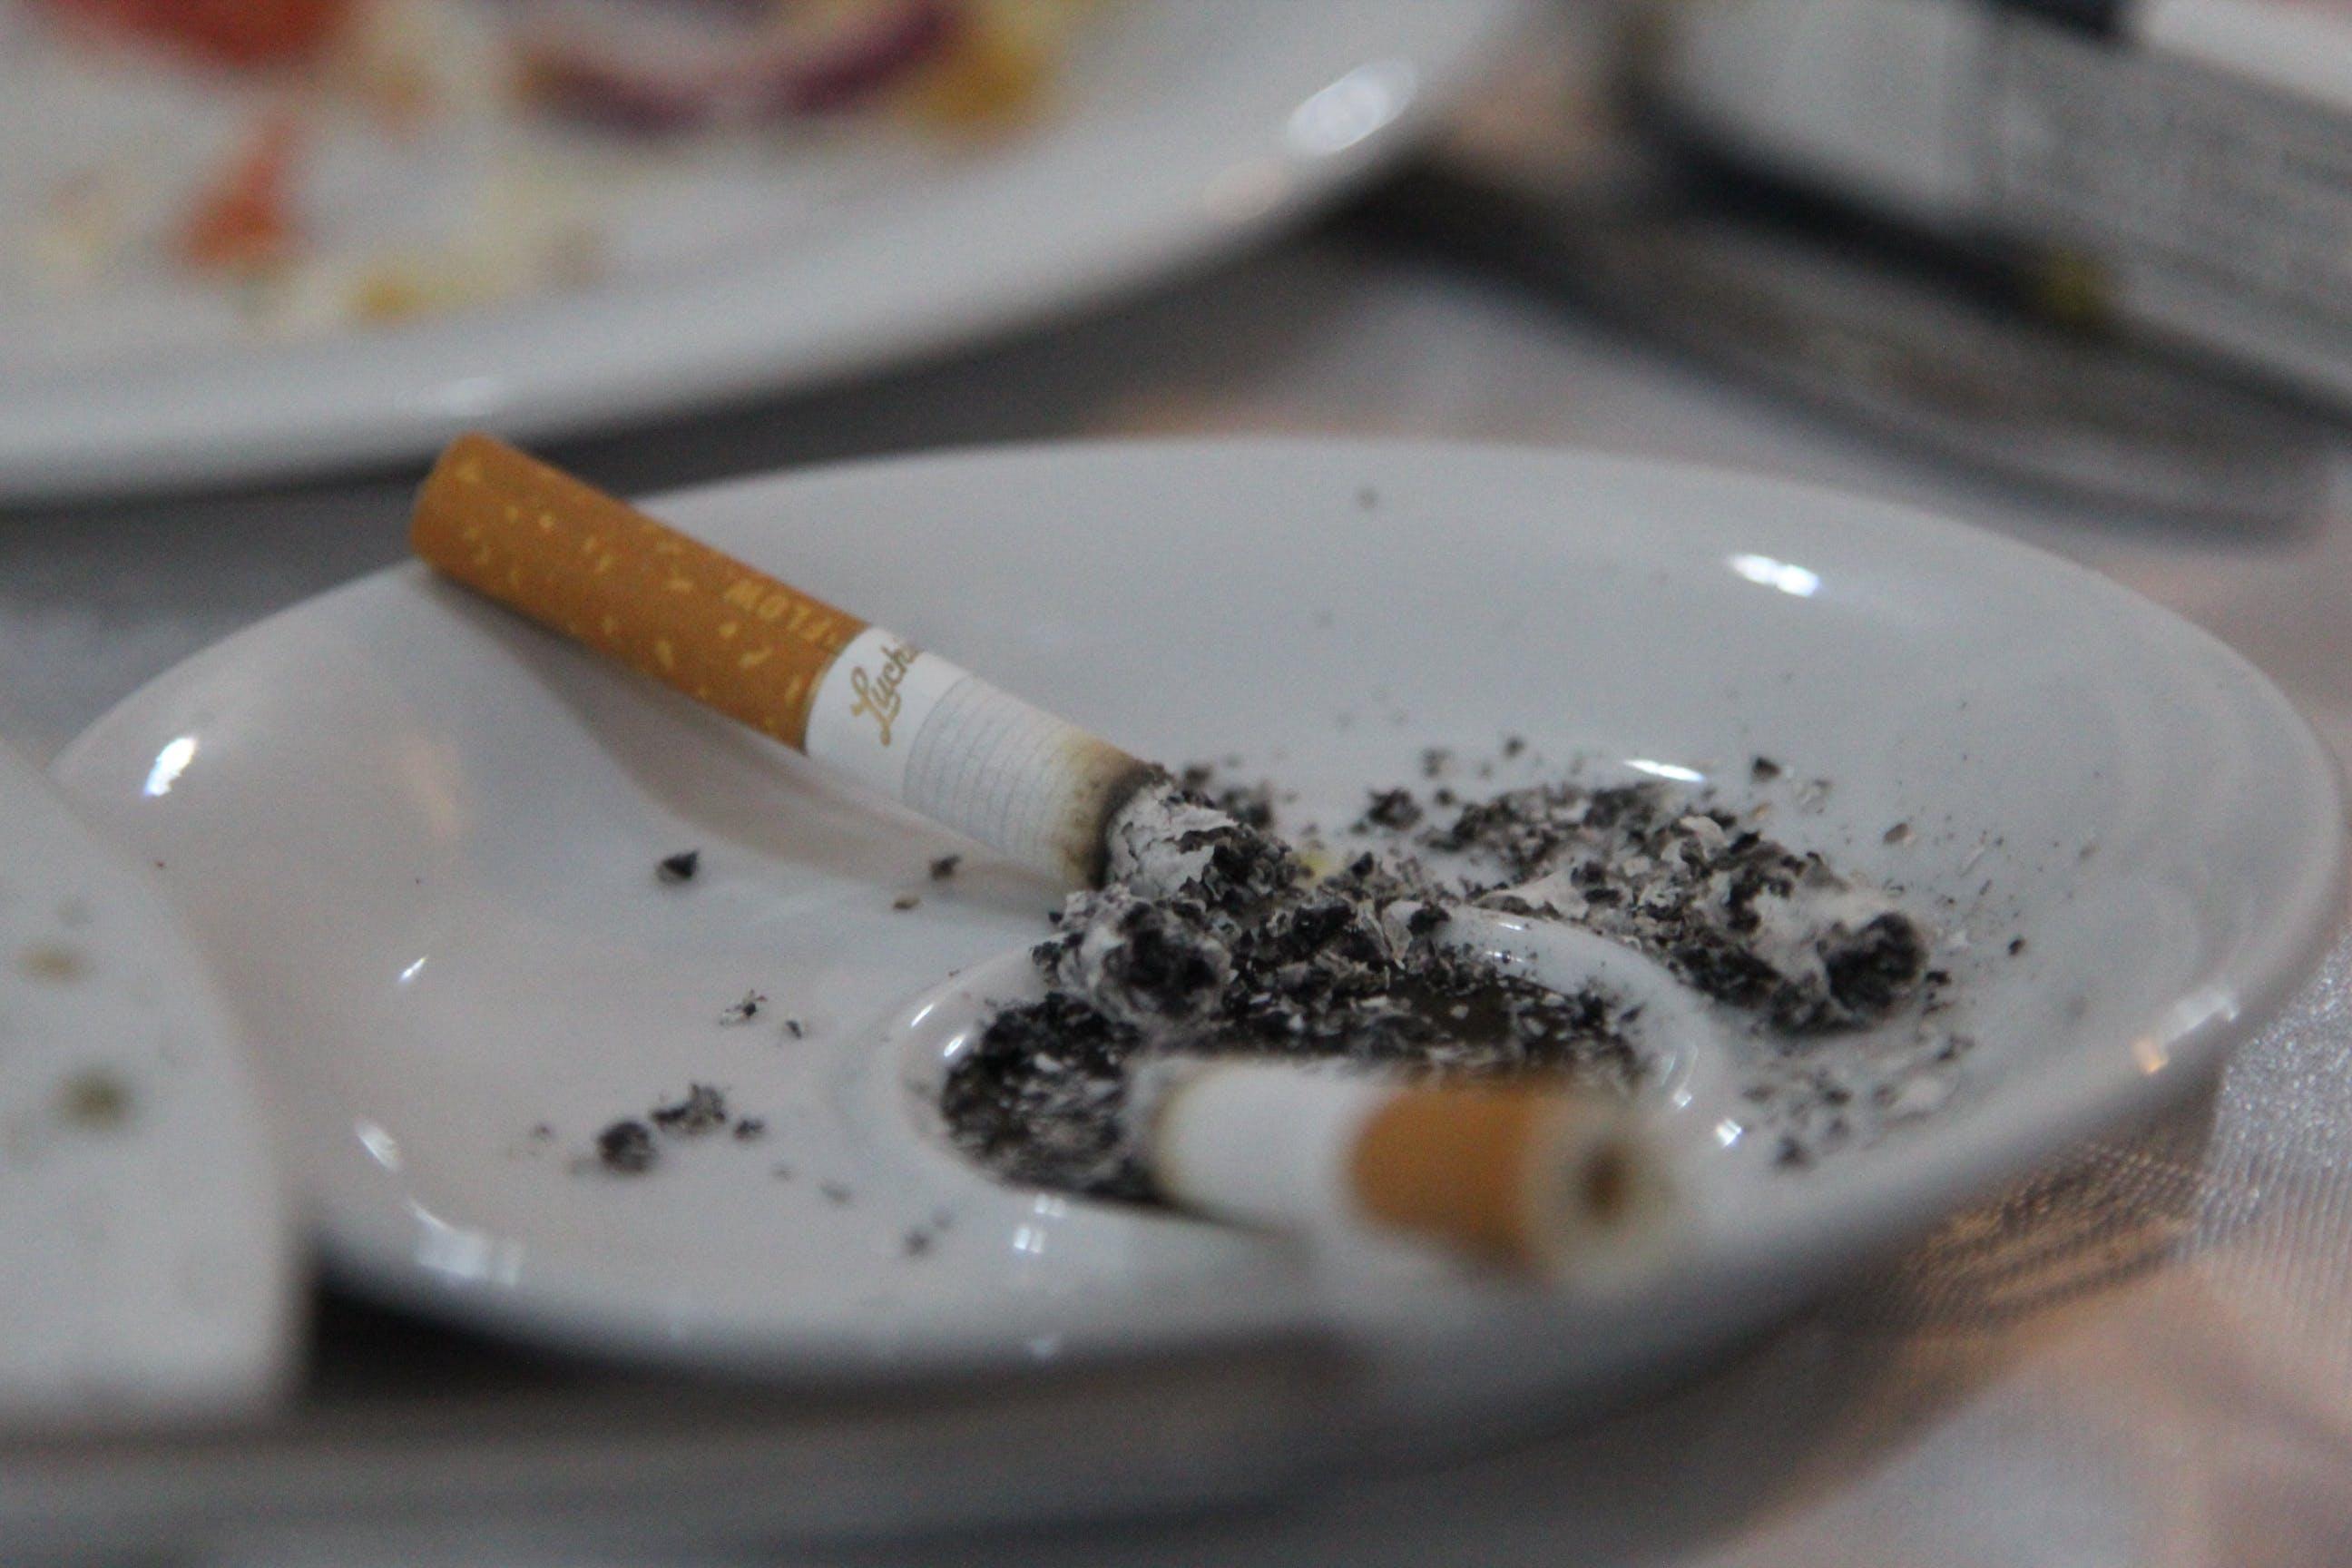 Free stock photo of butt, cigarette